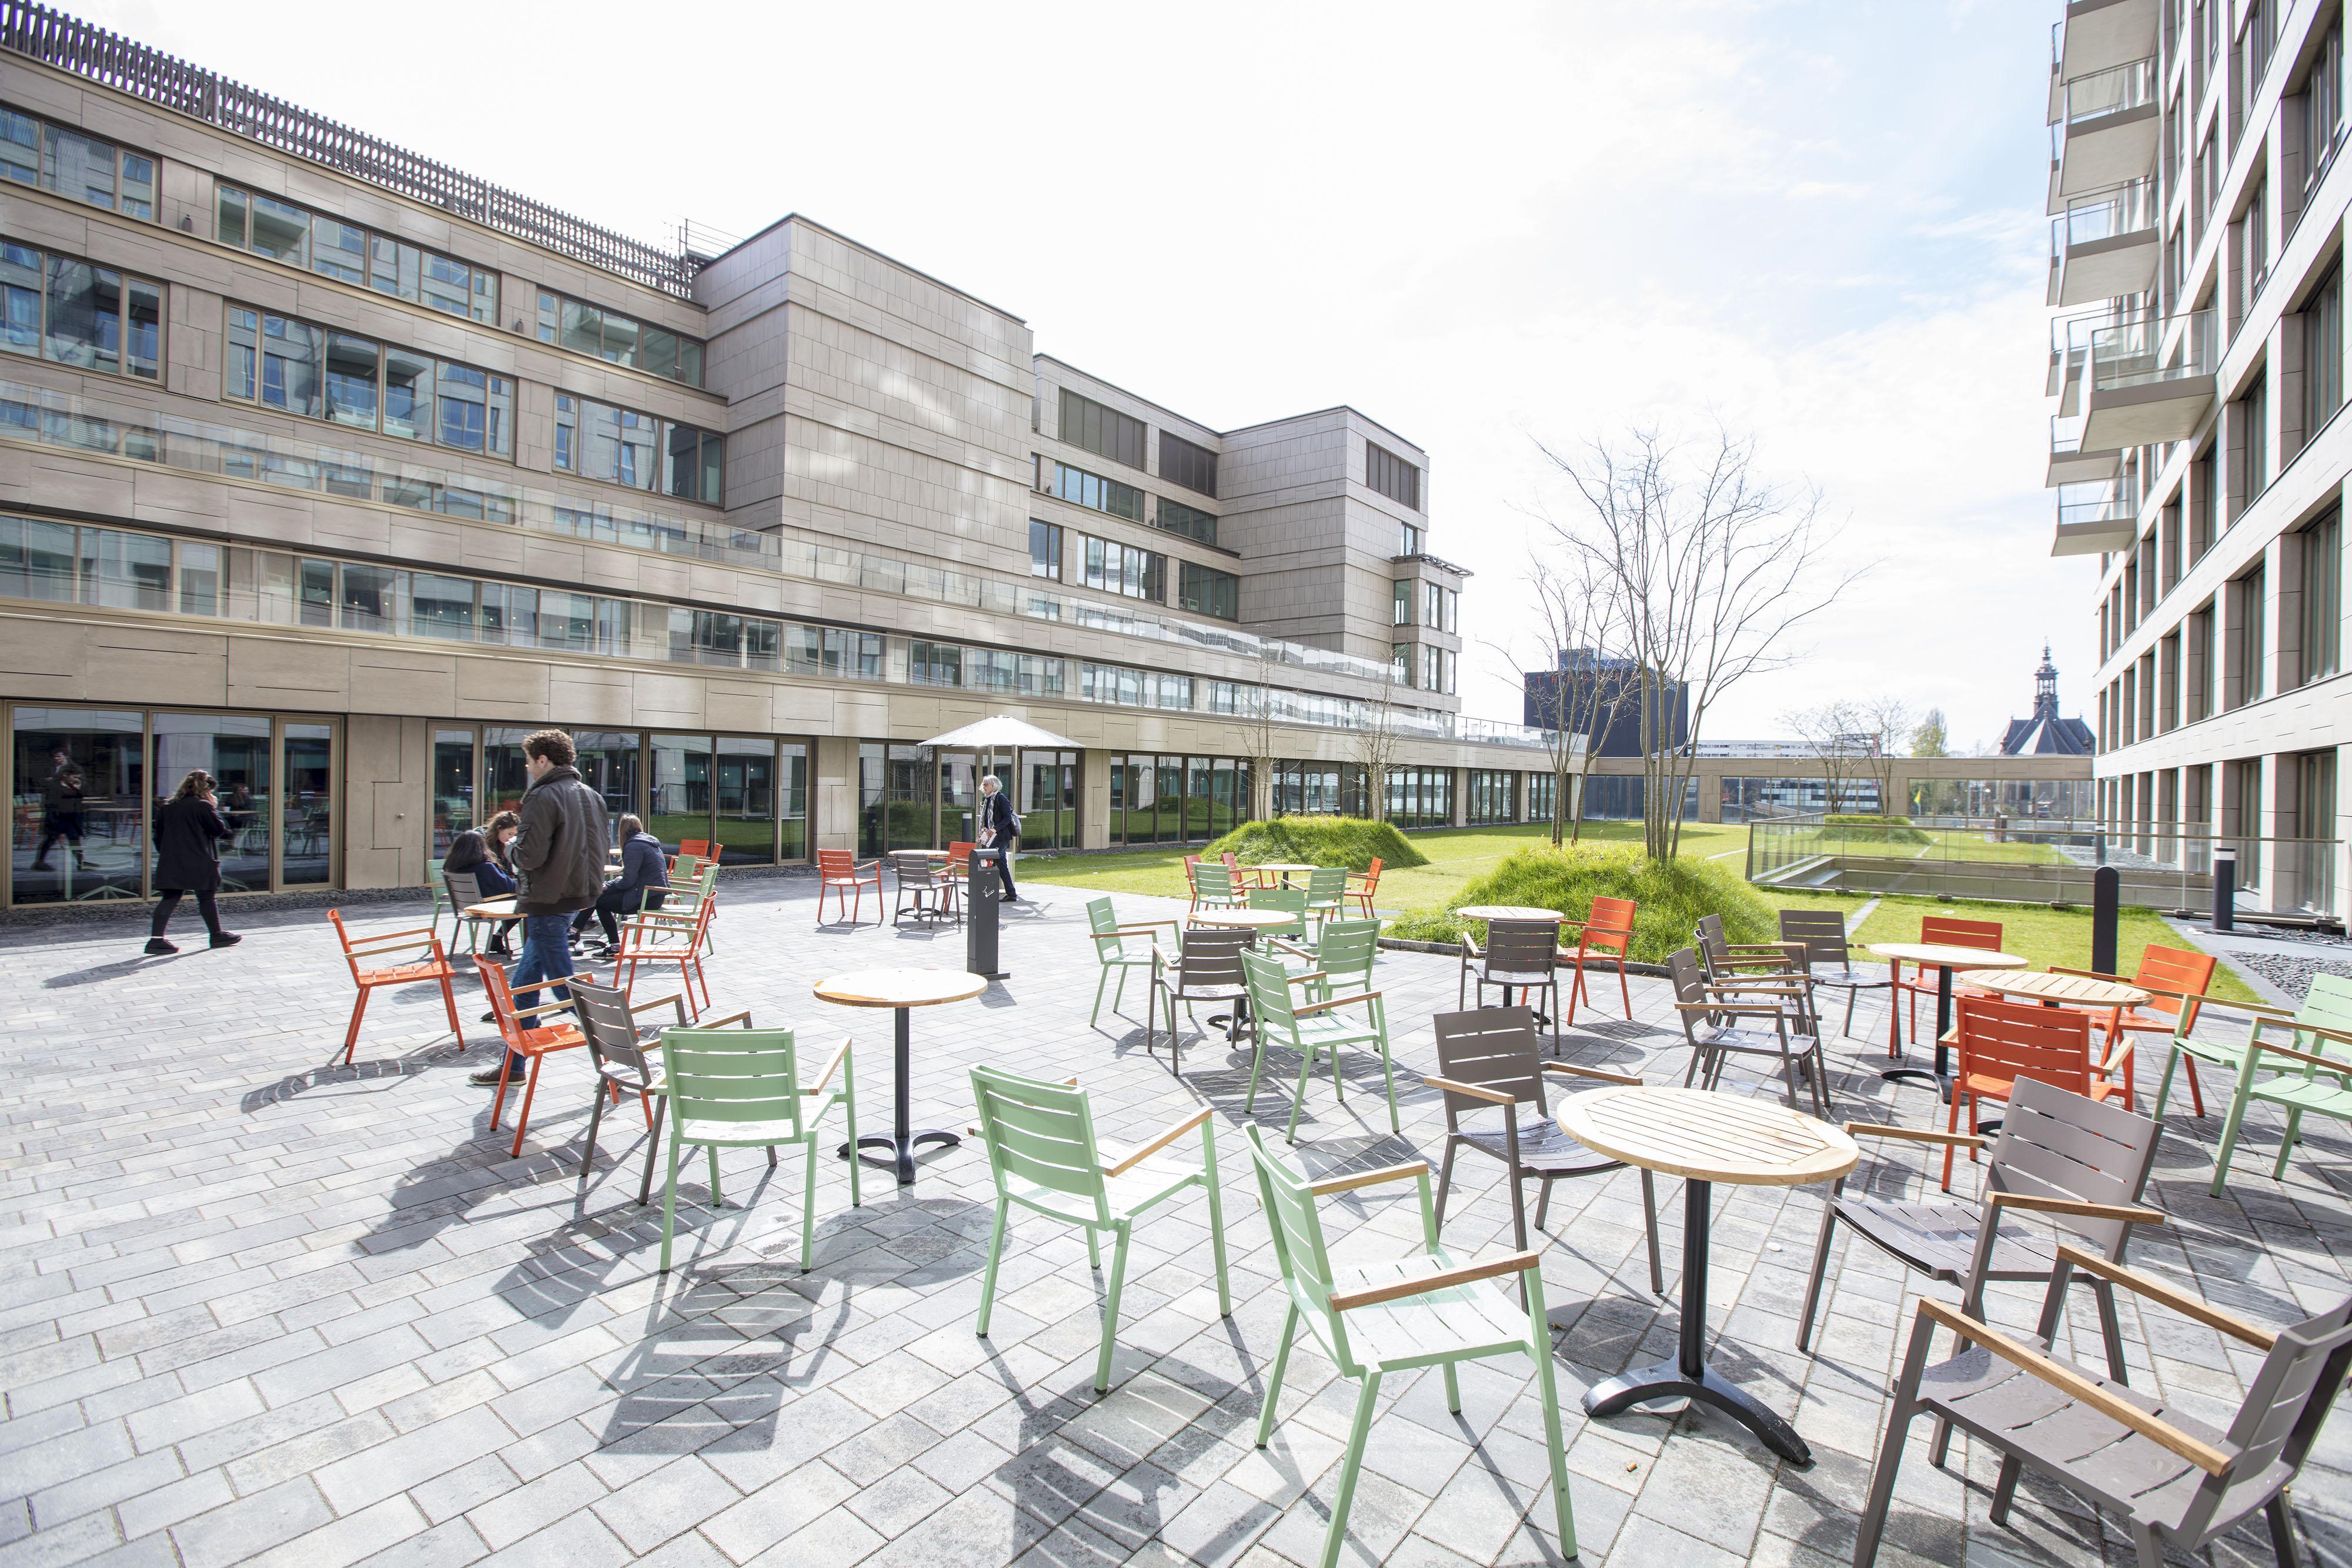 Petitie krijgt veel weerklank: Universiteit Leiden maakt duurzaamheid thema in Campus Den Haag